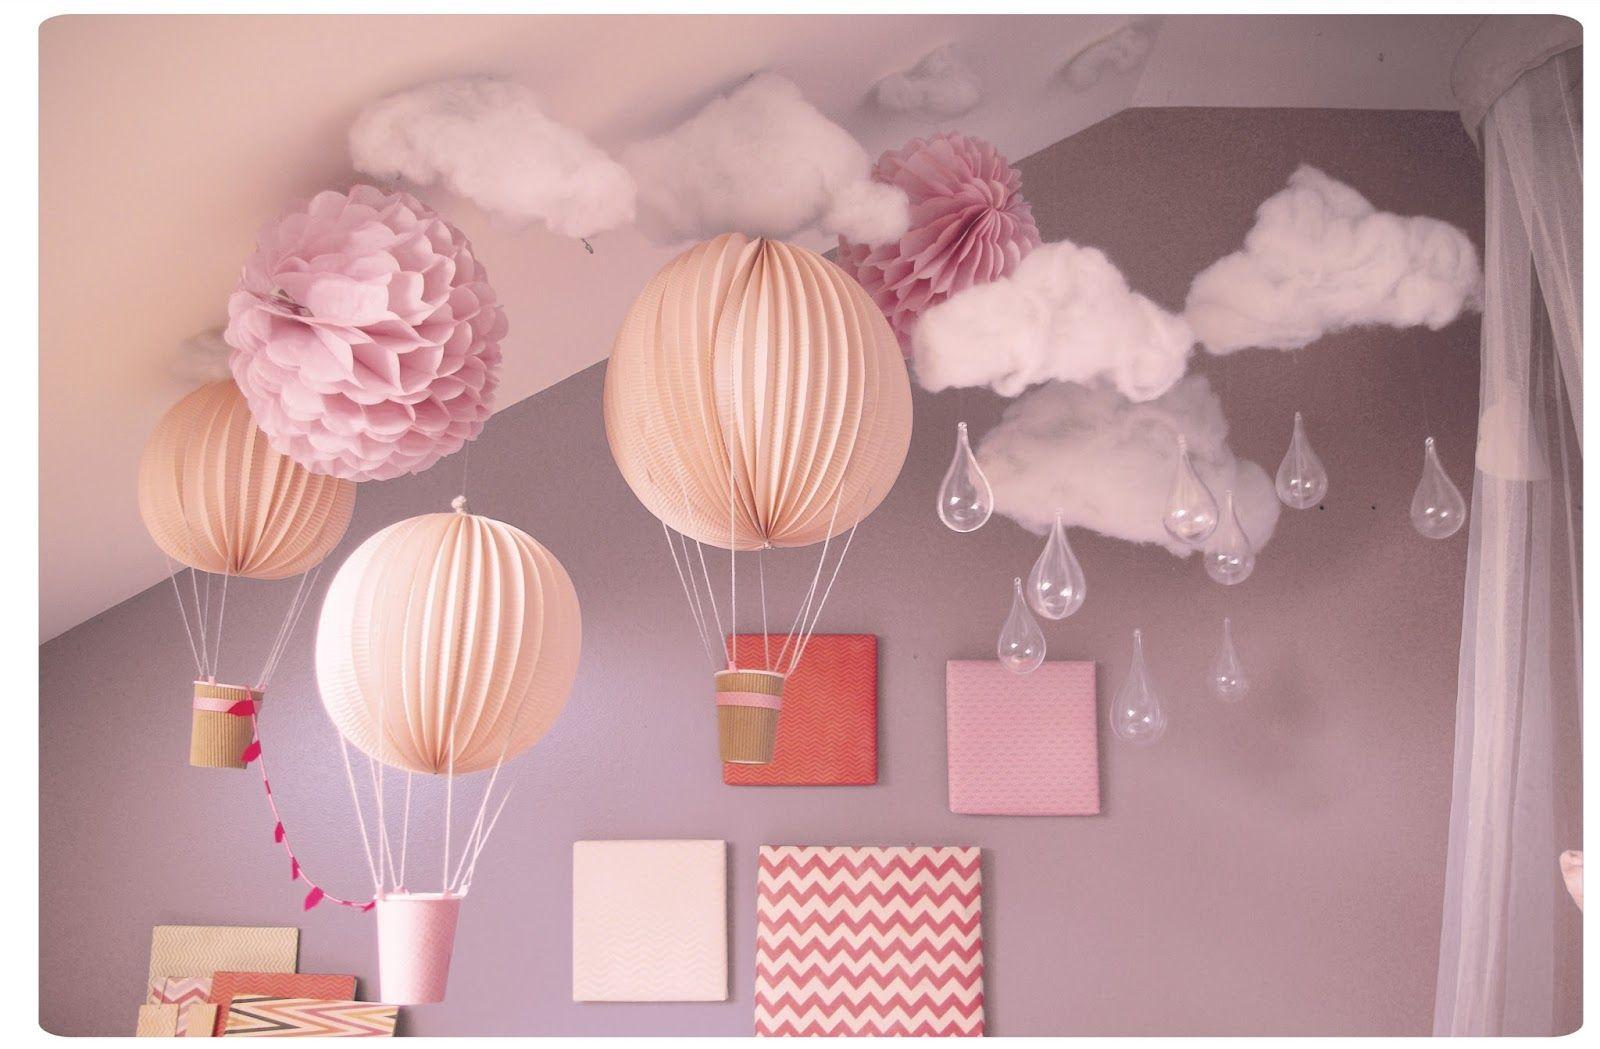 Kinderzimmer, Babyzimmer Einrichten, Zauberhaft, Rosa Verzierungen, Rosa  Zimmer, Selbstgemachter Babykram, Haus Design, Design Room, Babyzimmer